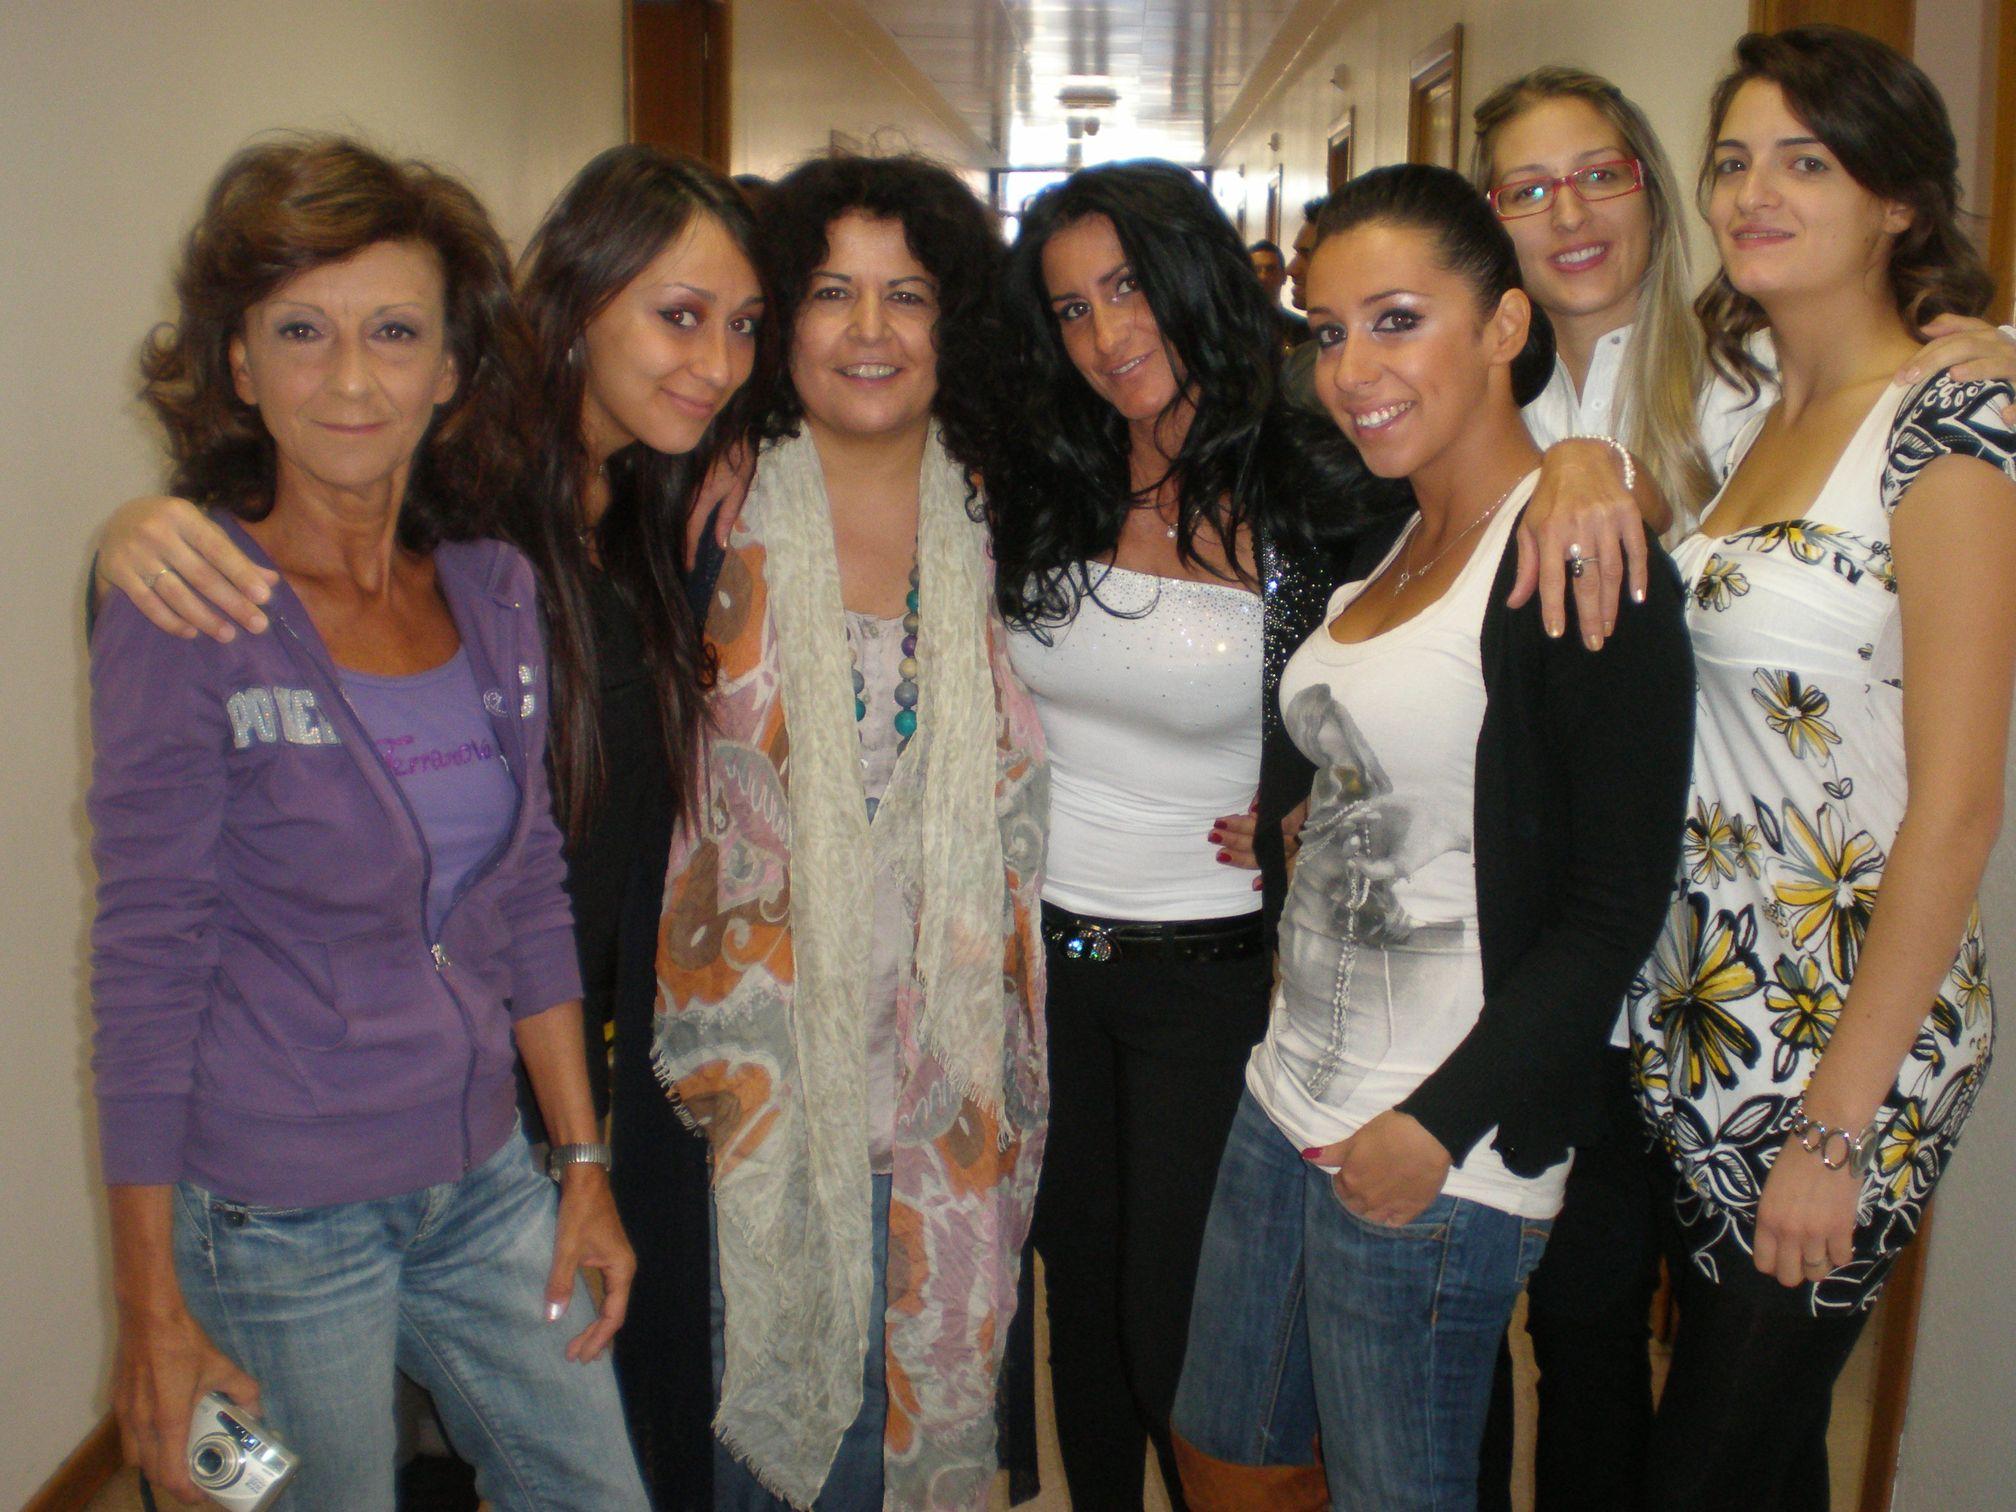 Mezzogiorno in famiglia, le donne della squadra nei camerini rai con l'autrice Francesca Giuliani